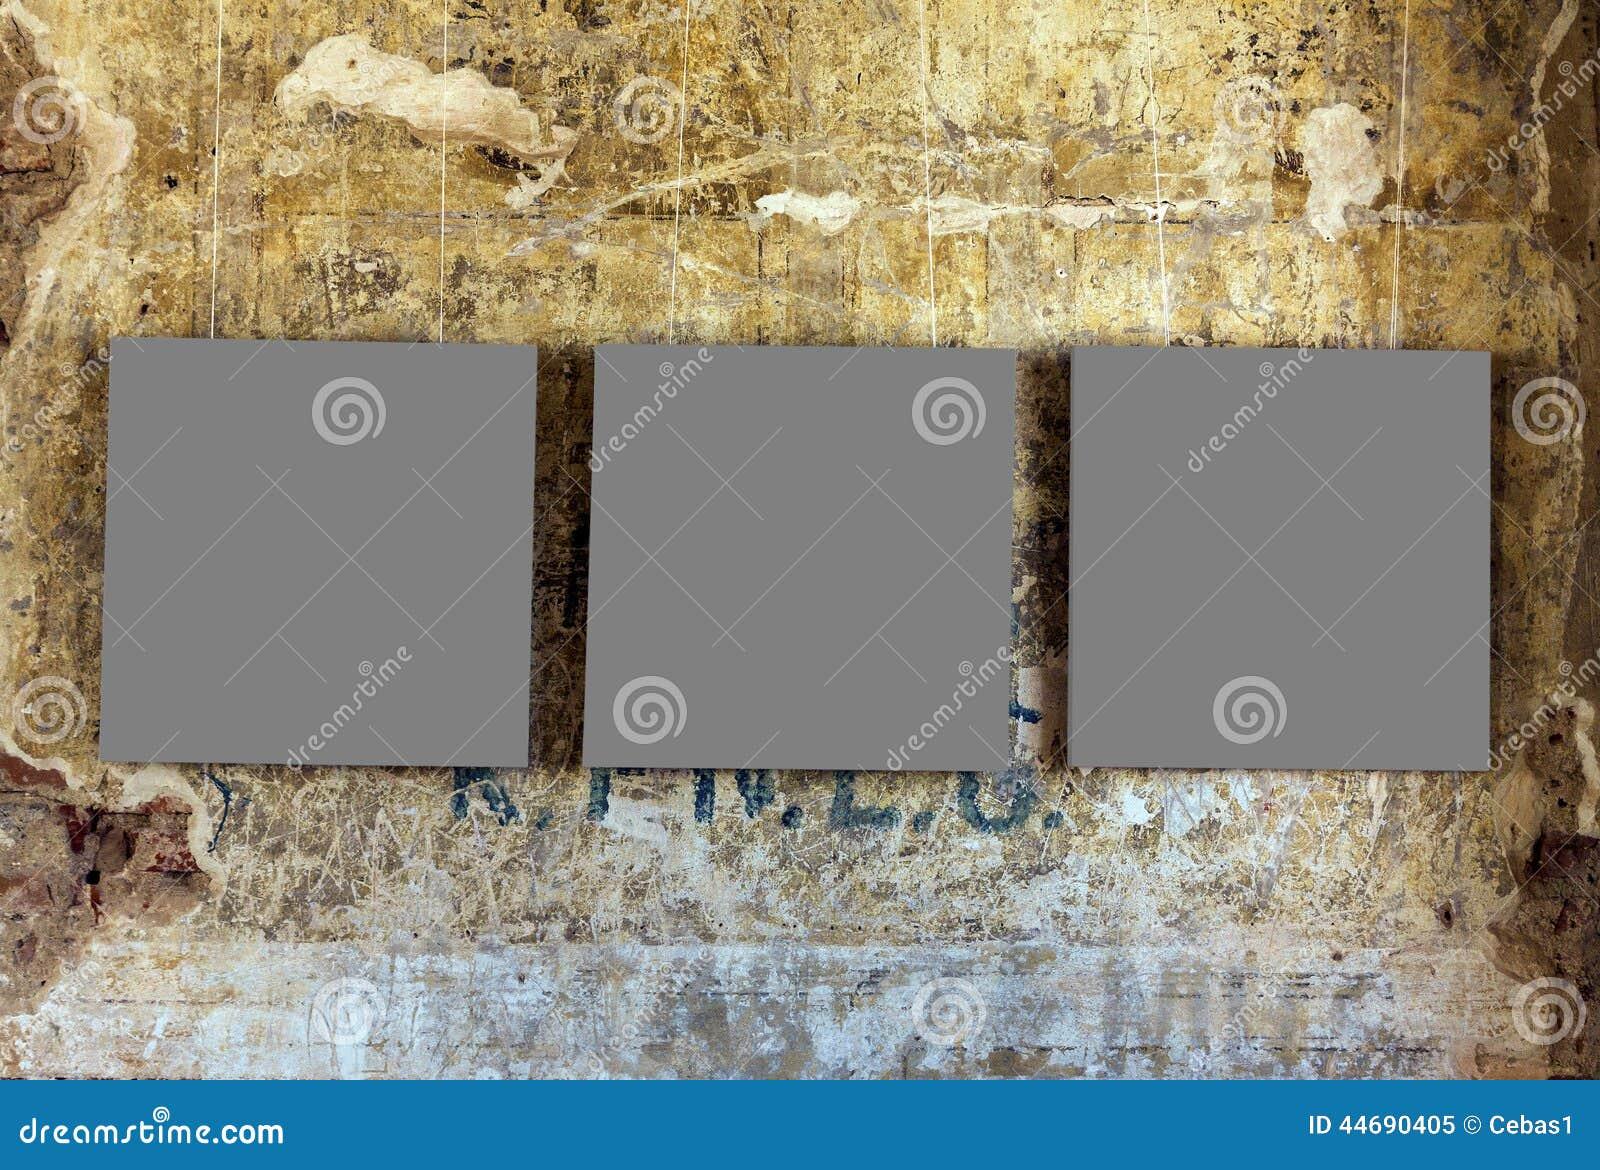 Drei leere Gemälderahmen stockbild. Bild von wand, galerie - 44690405